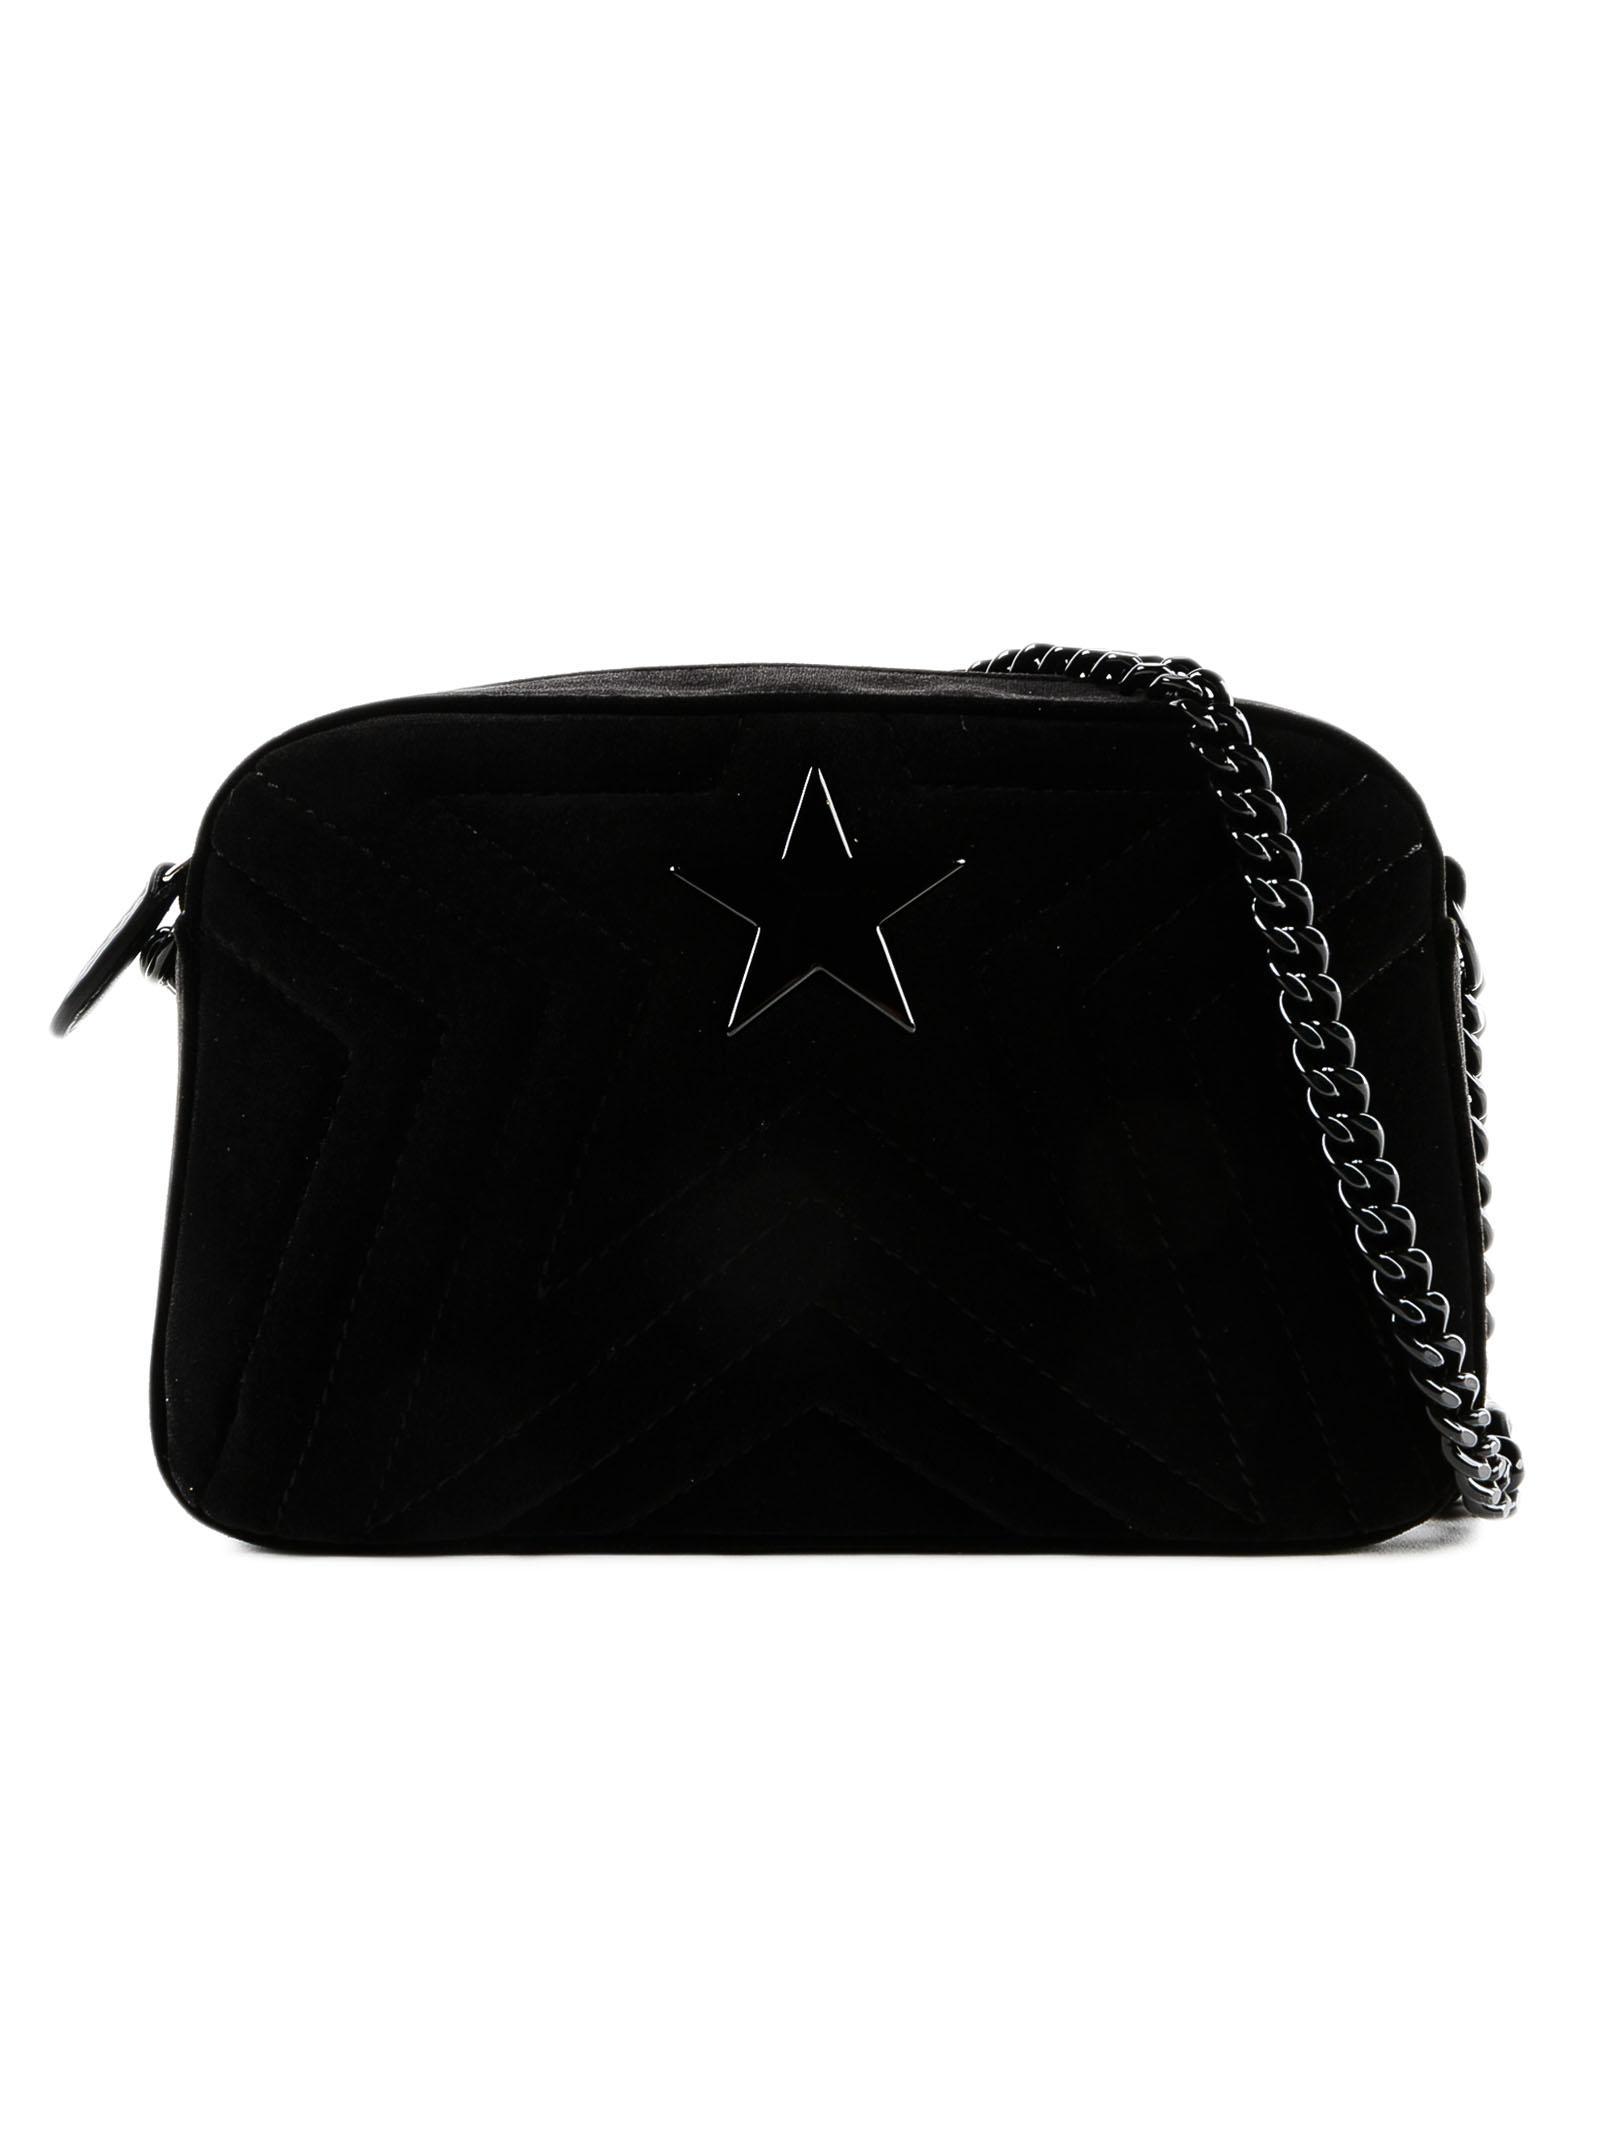 Lyst - Stella McCartney Small Stella Star Velvet Bag in Black 960e6716646ed